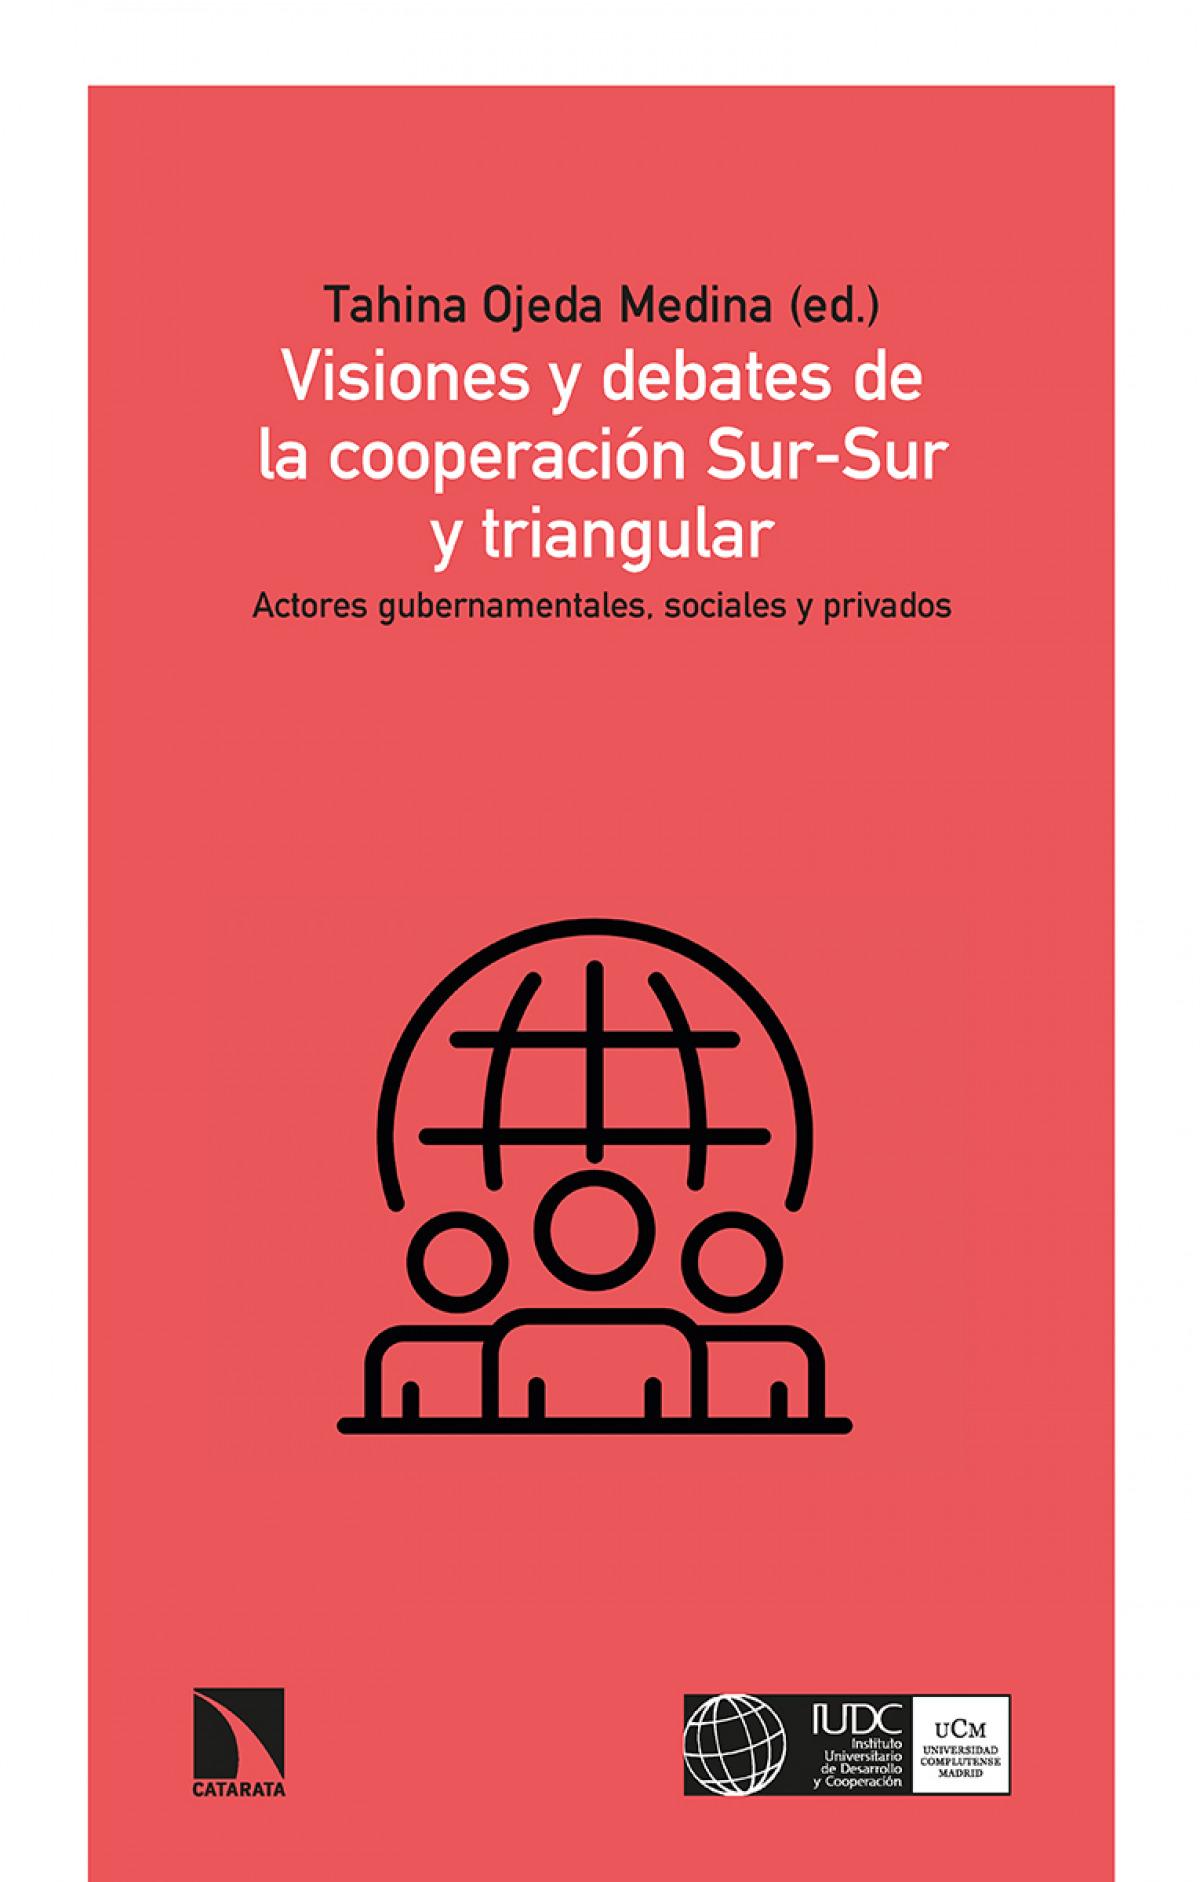 Visiones y debates de la cooperación Sur-Sur y triangular